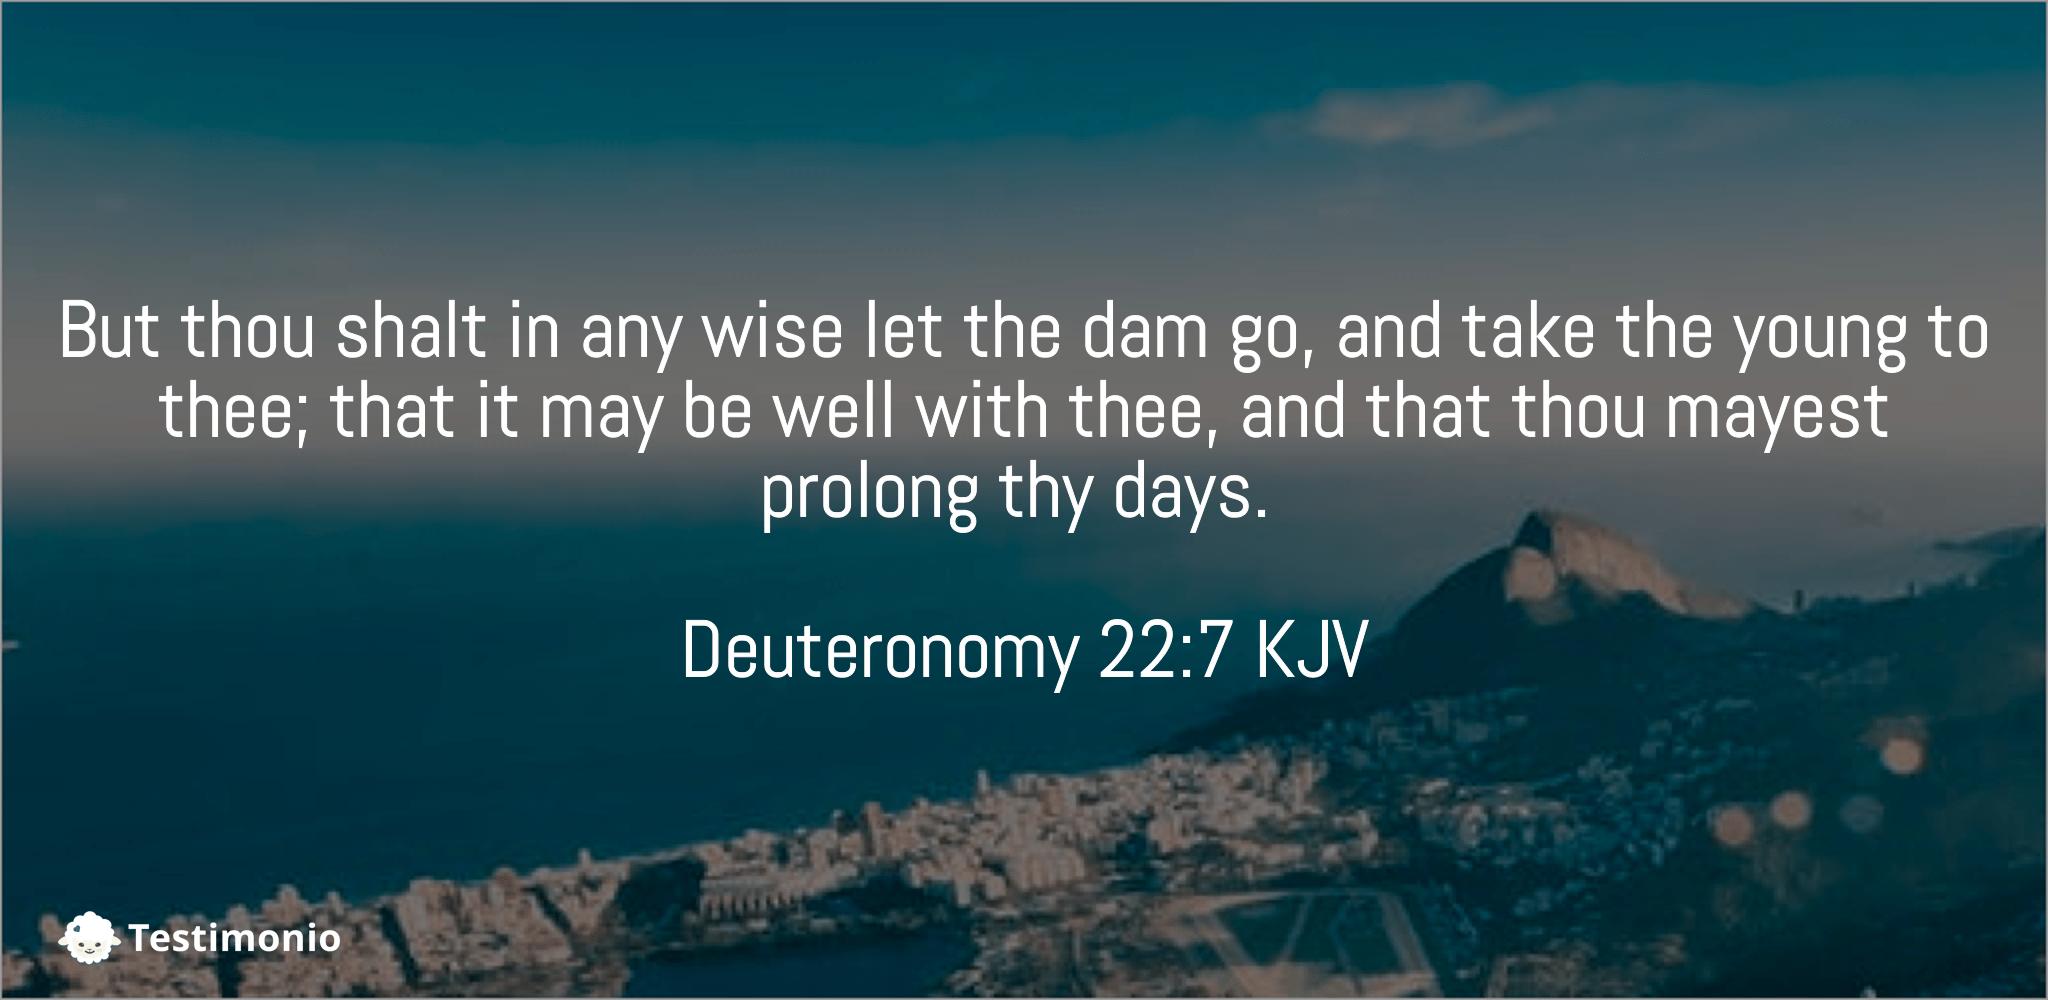 Deuteronomy 22:7